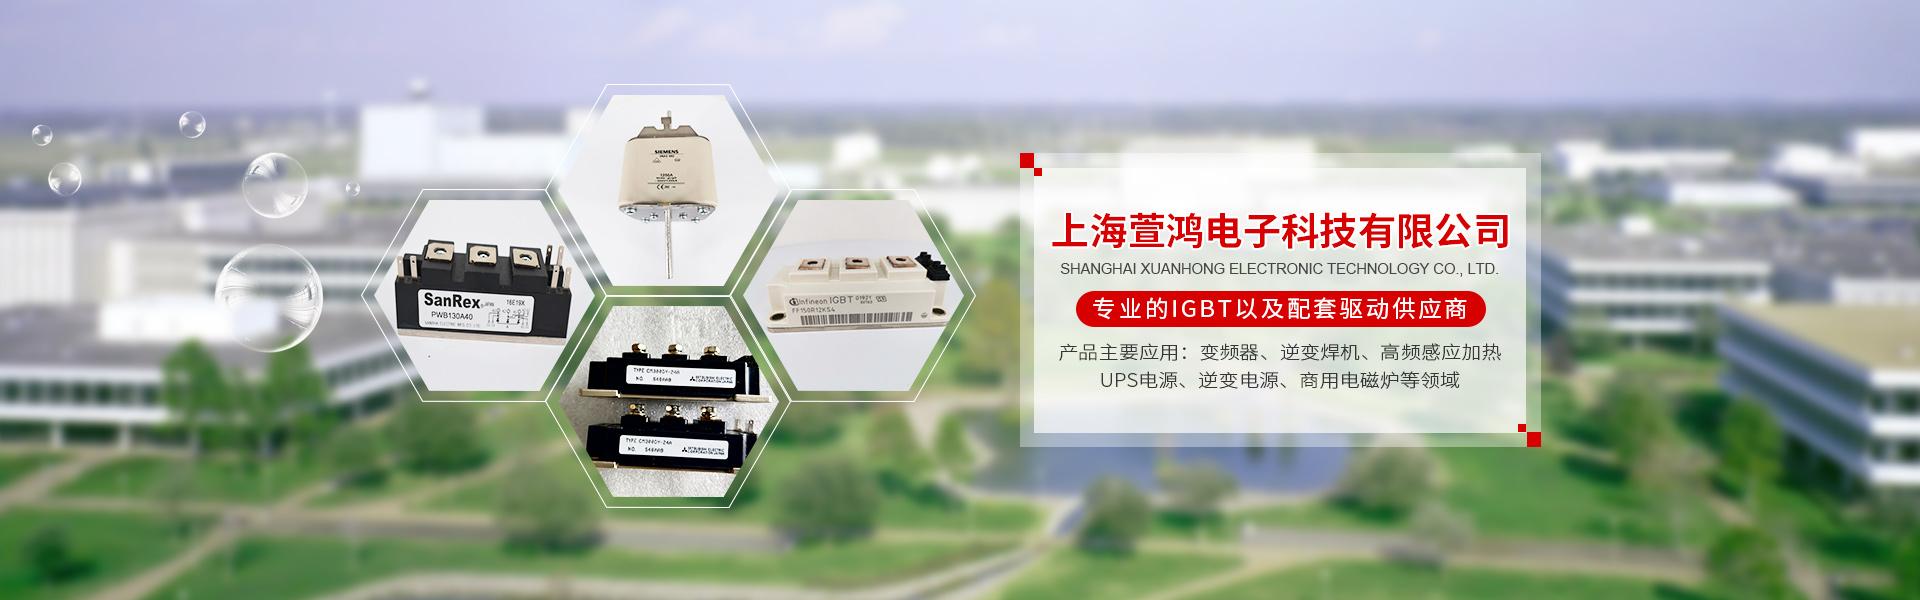 上海萱鸿电子科技有限公司